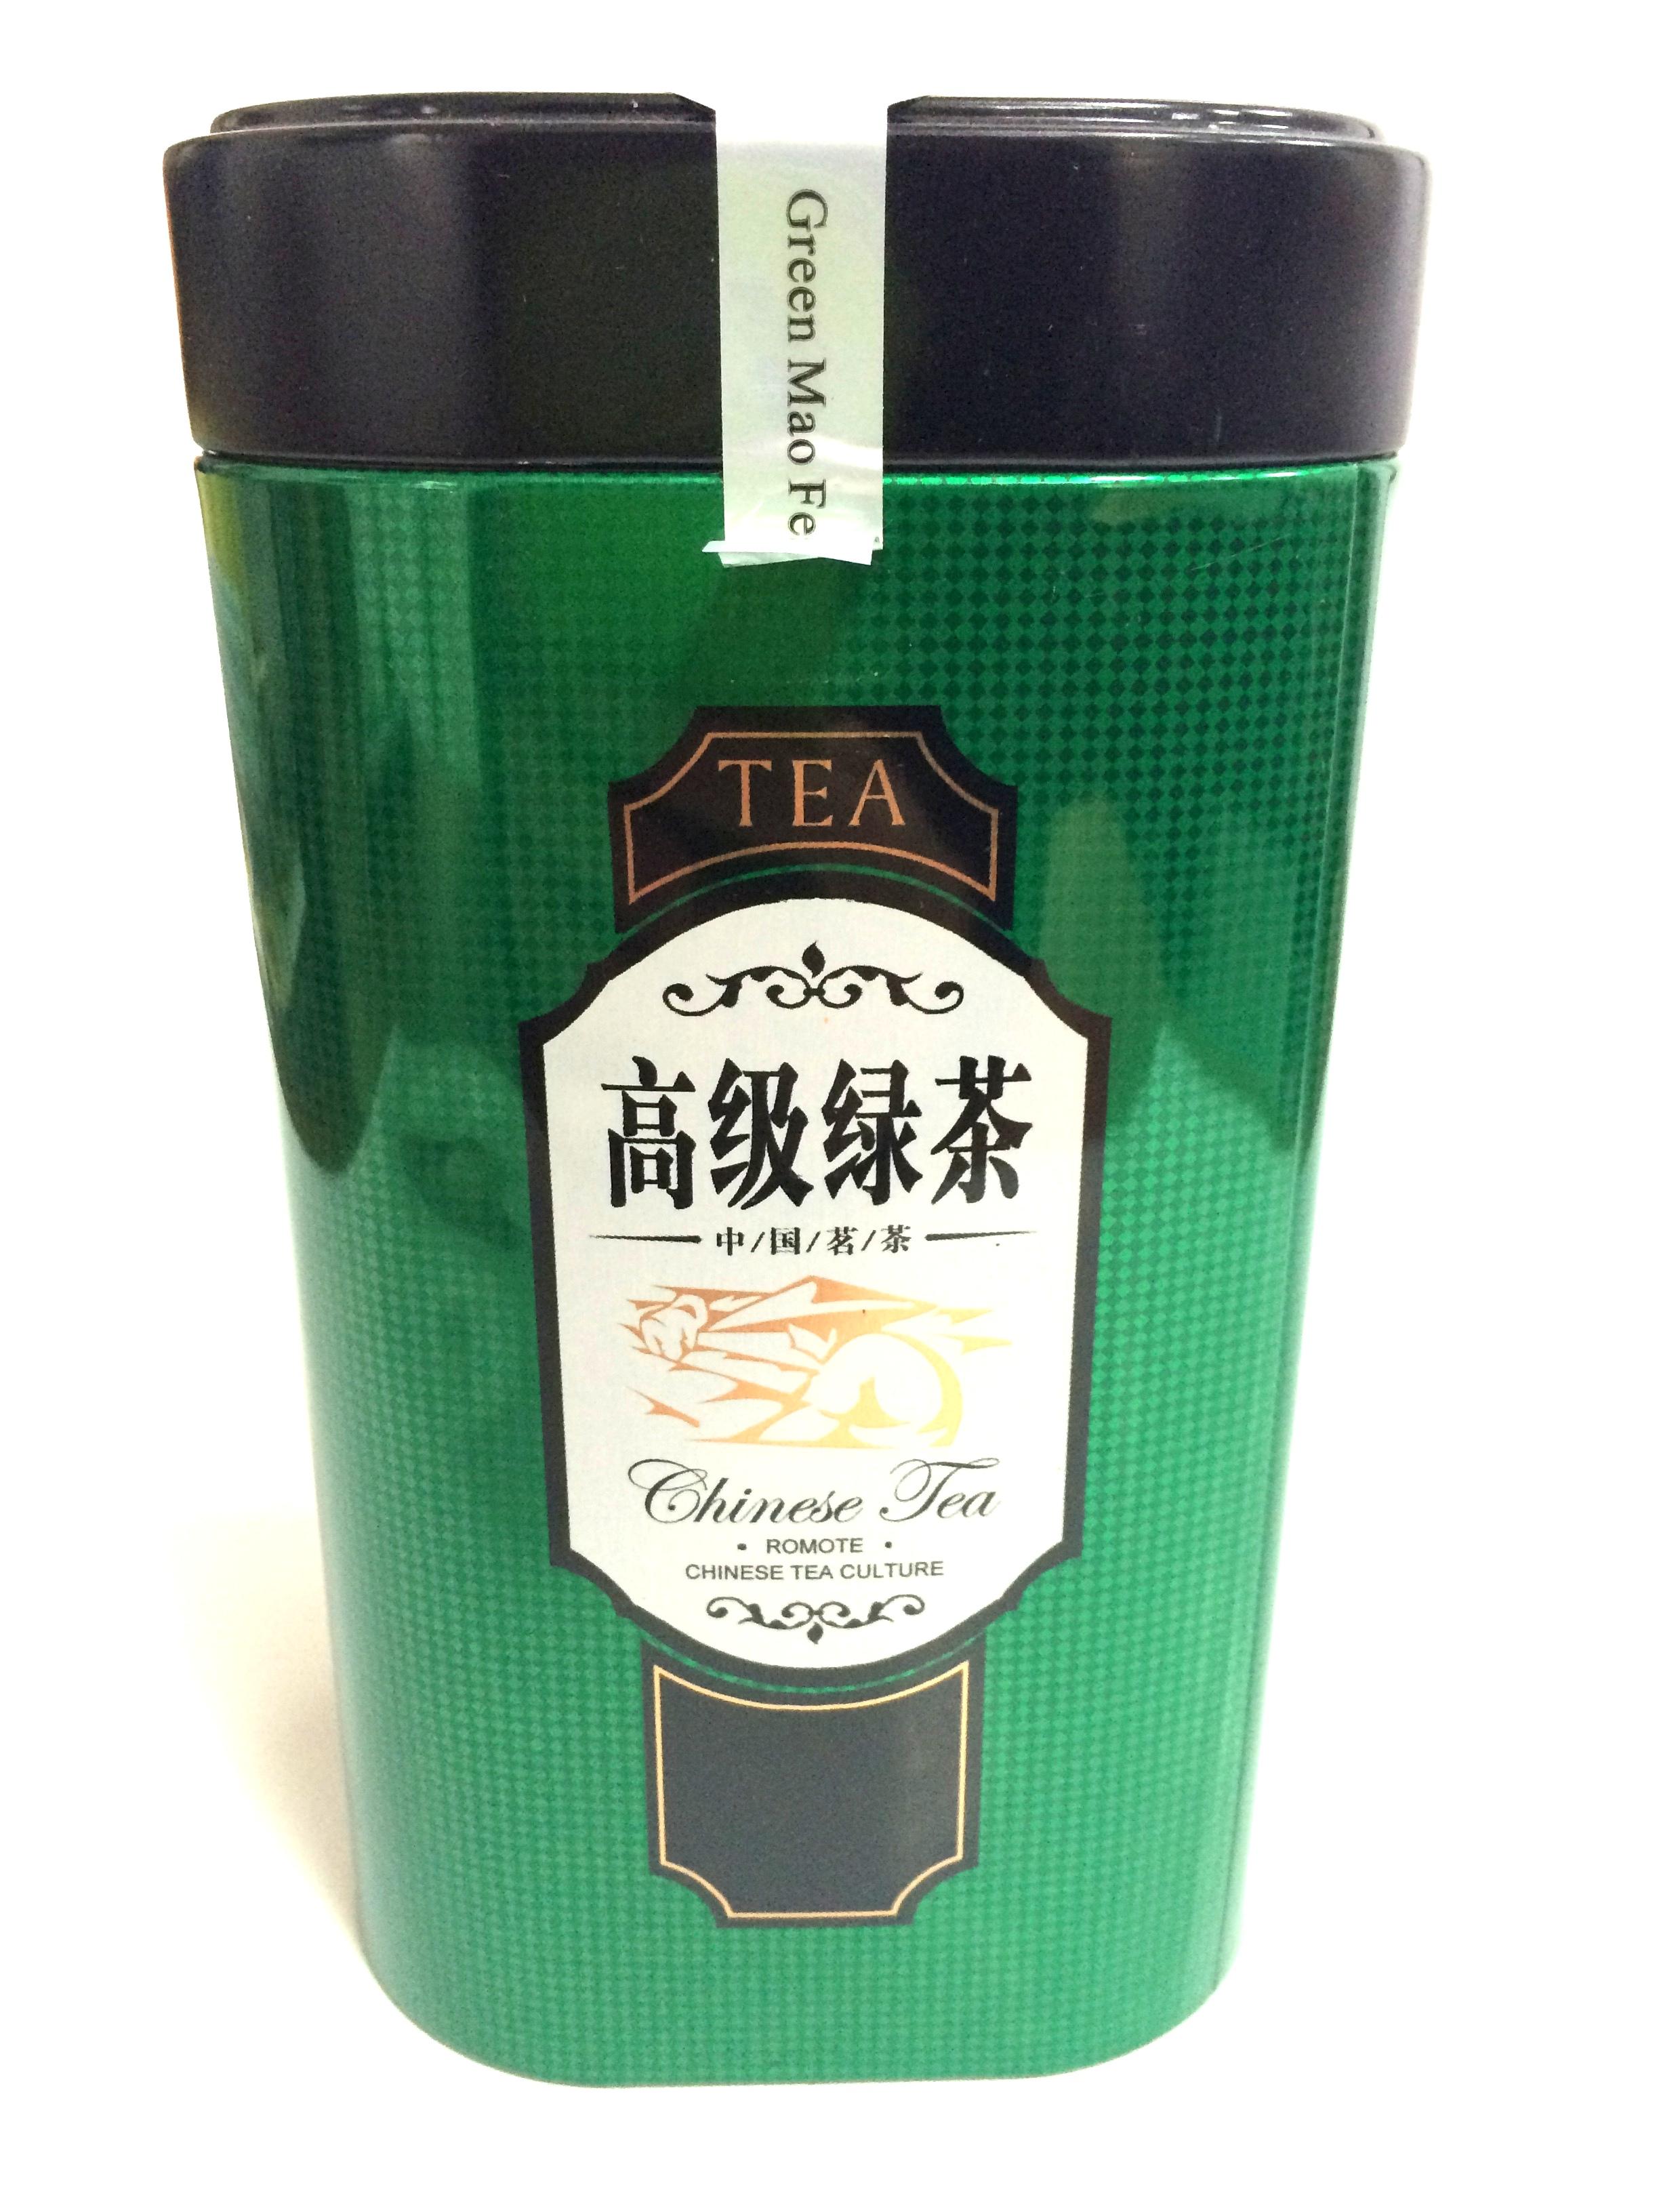 Green Mao Feng